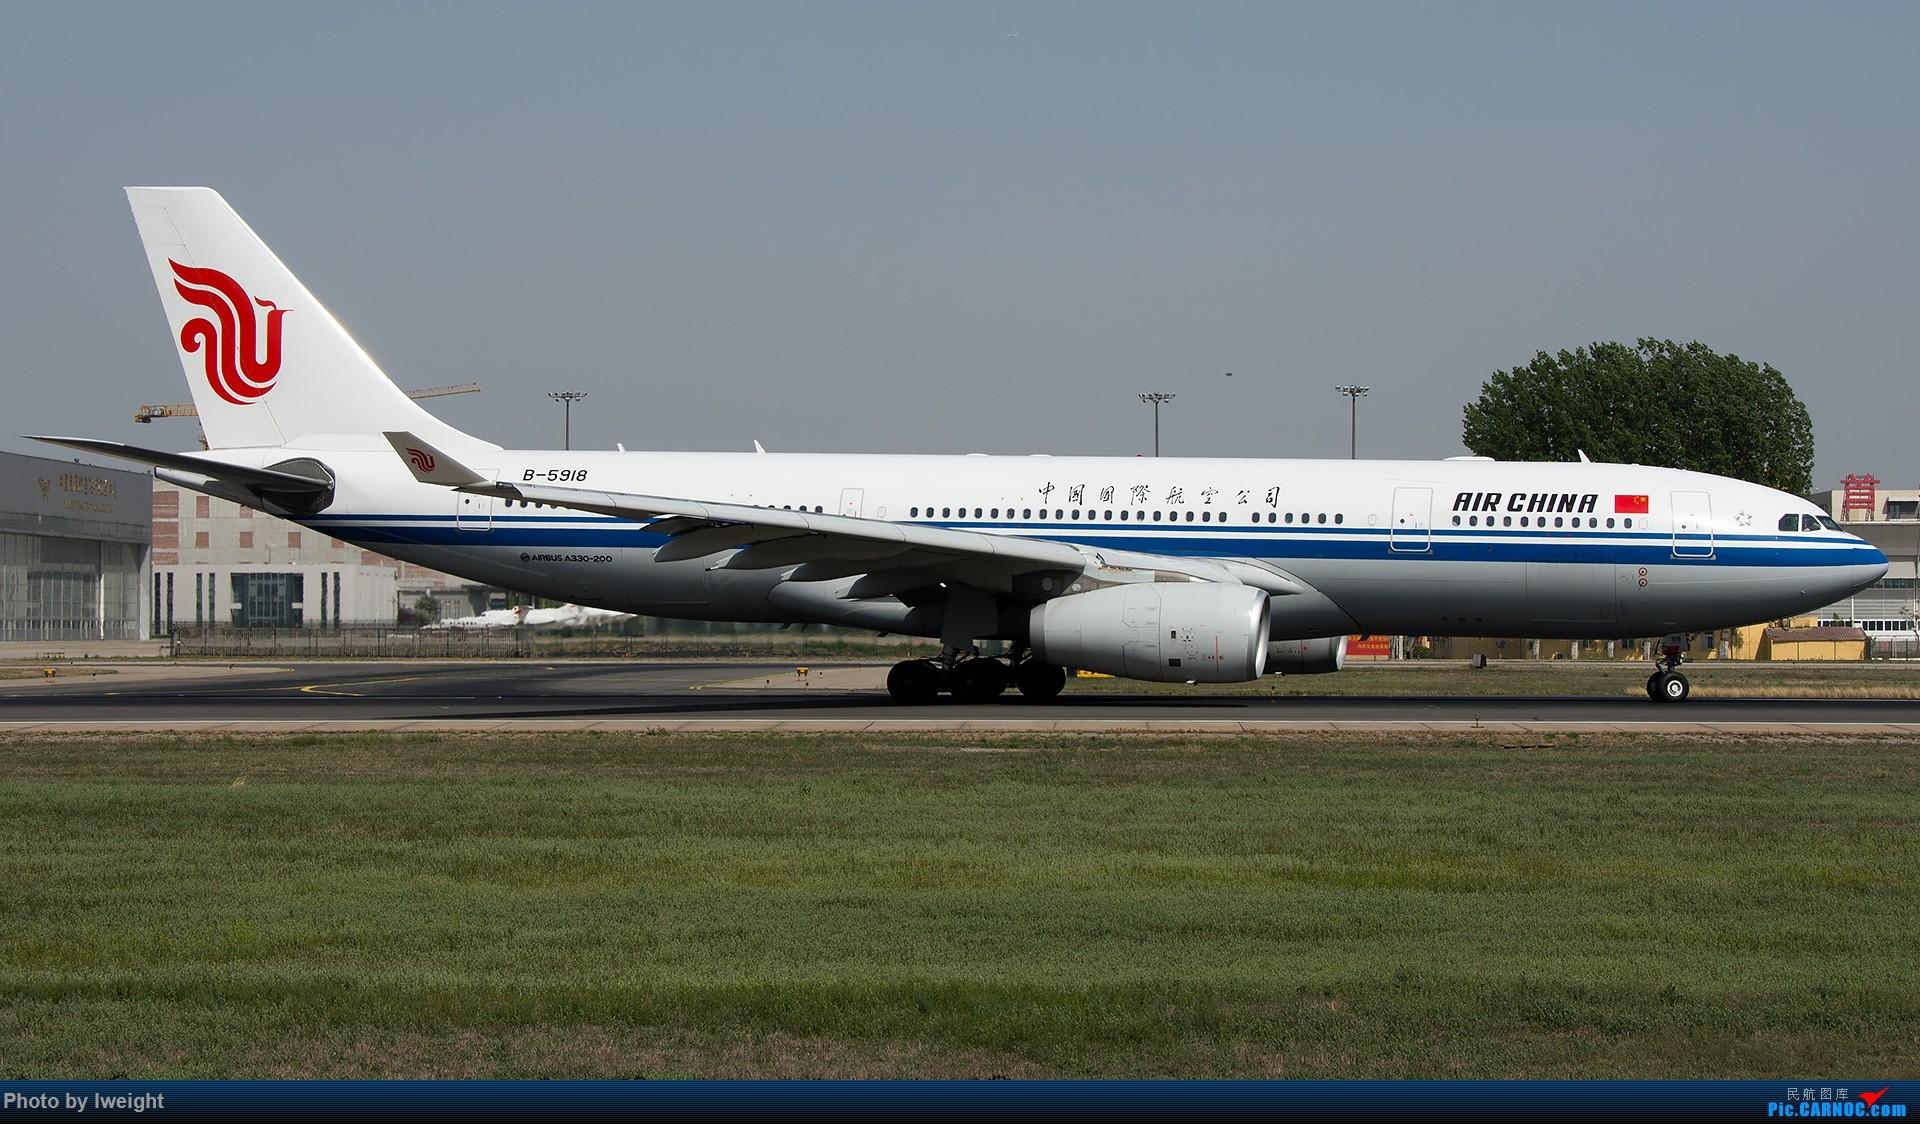 Re:[原创]天气晴朗,继续守候18R【多图】 AIRBUS A330-200 B-5918 中国北京首都国际机场